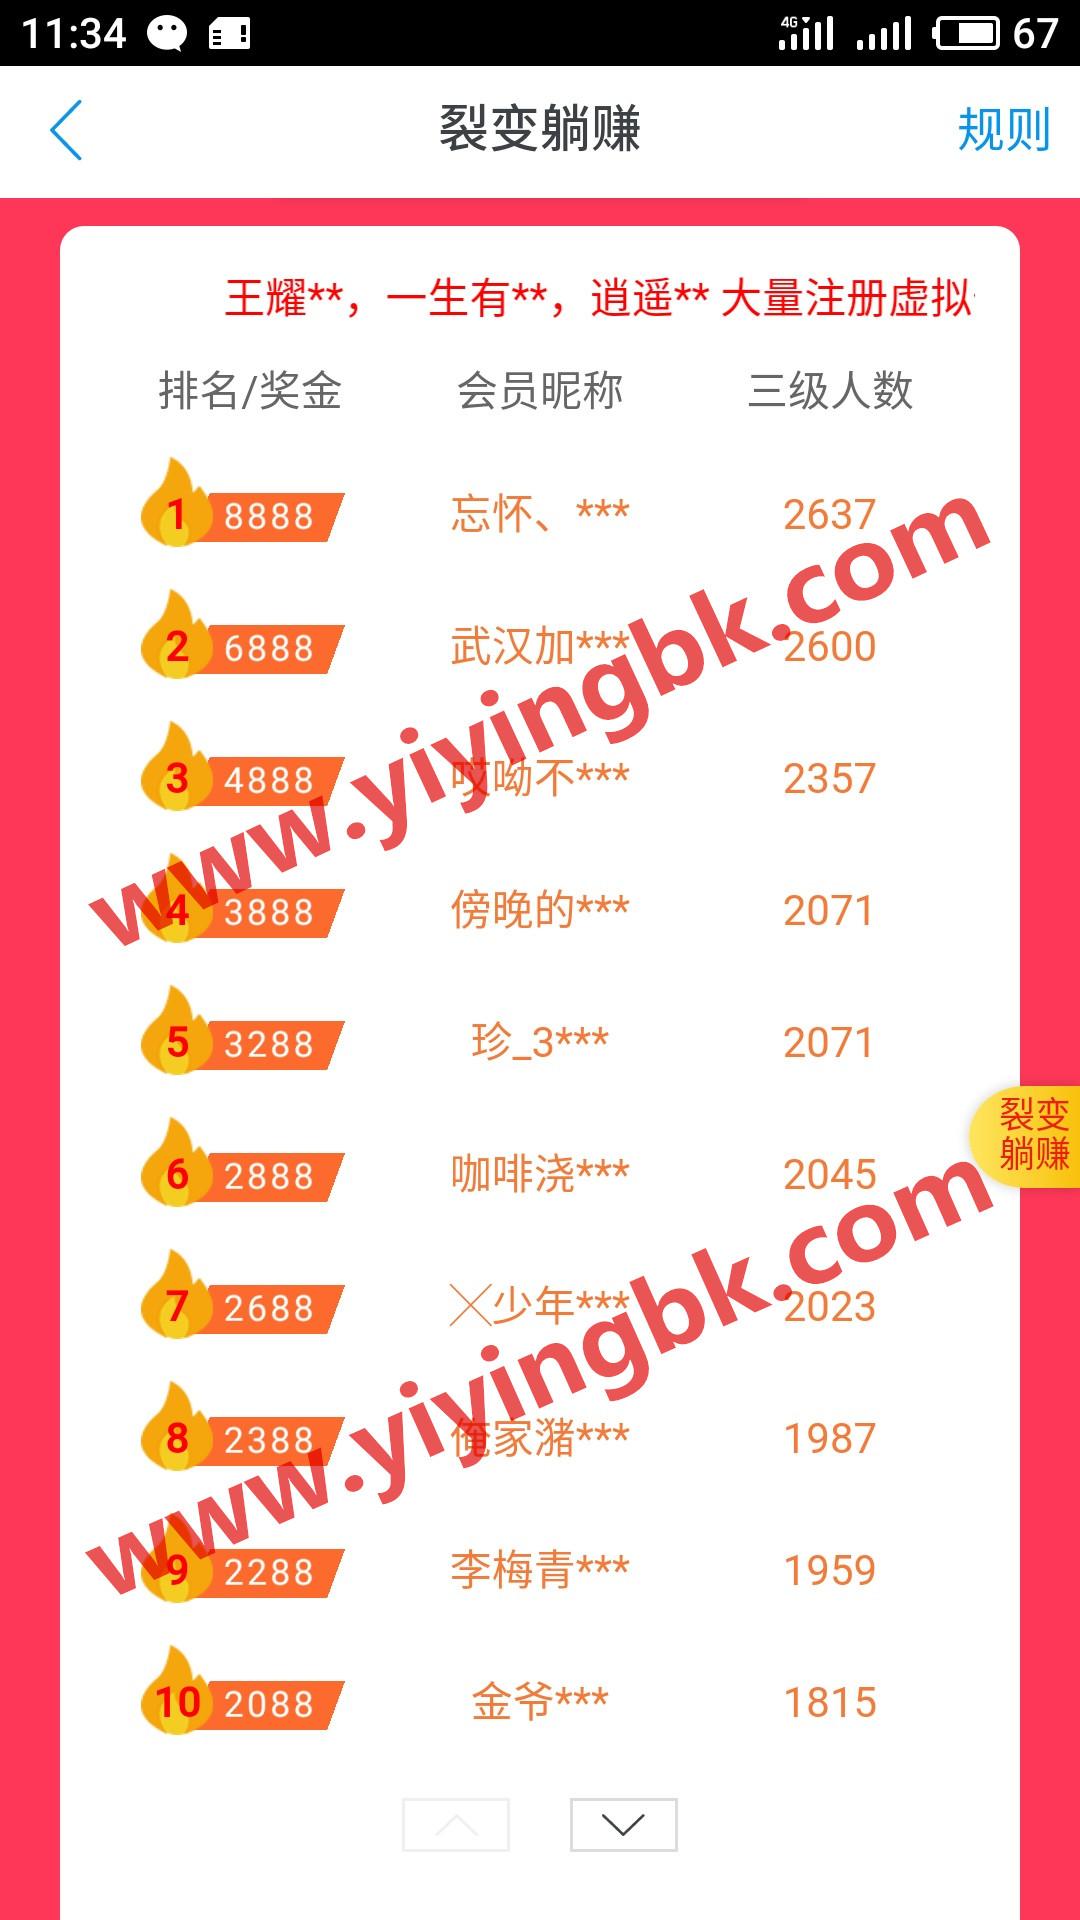 手机免费做任务赚钱,排行榜奖瓜分88888元红包,微信和支付宝提现秒到账。www.yiyingbk.com